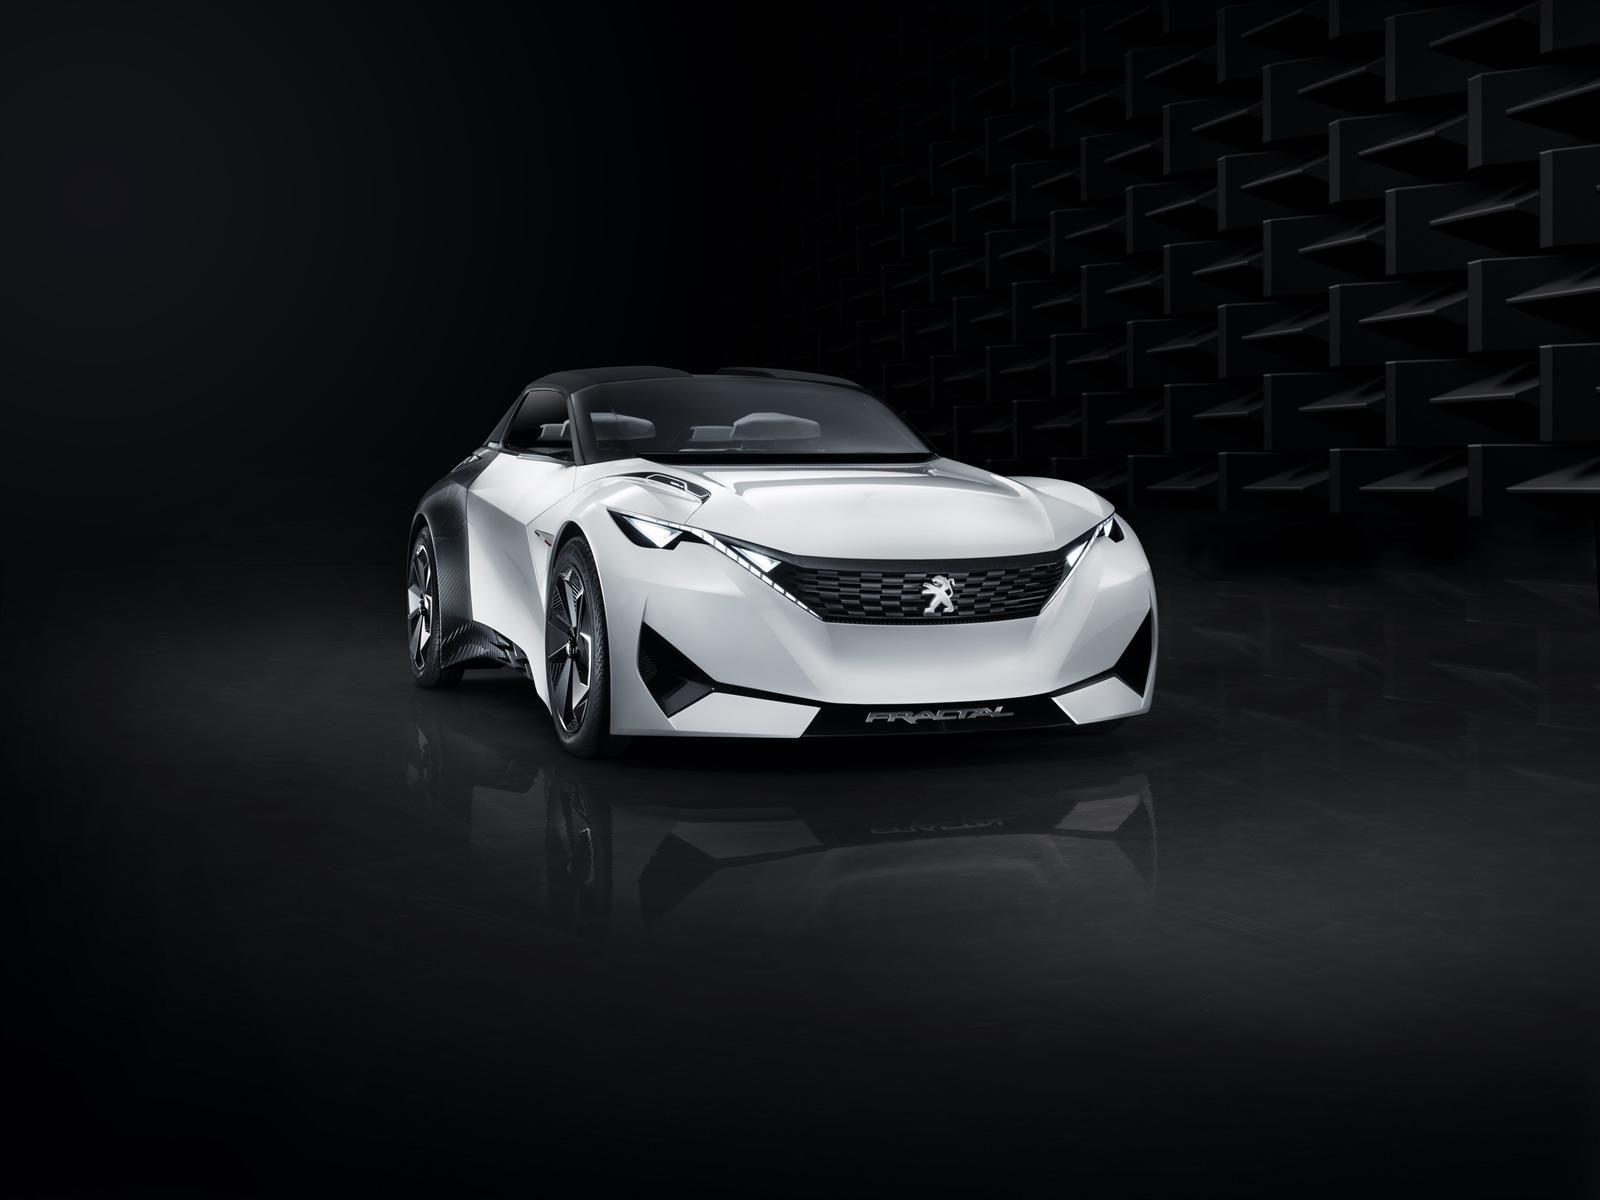 Peugeot Fractal, propulsión eléctrica y construcción 3D